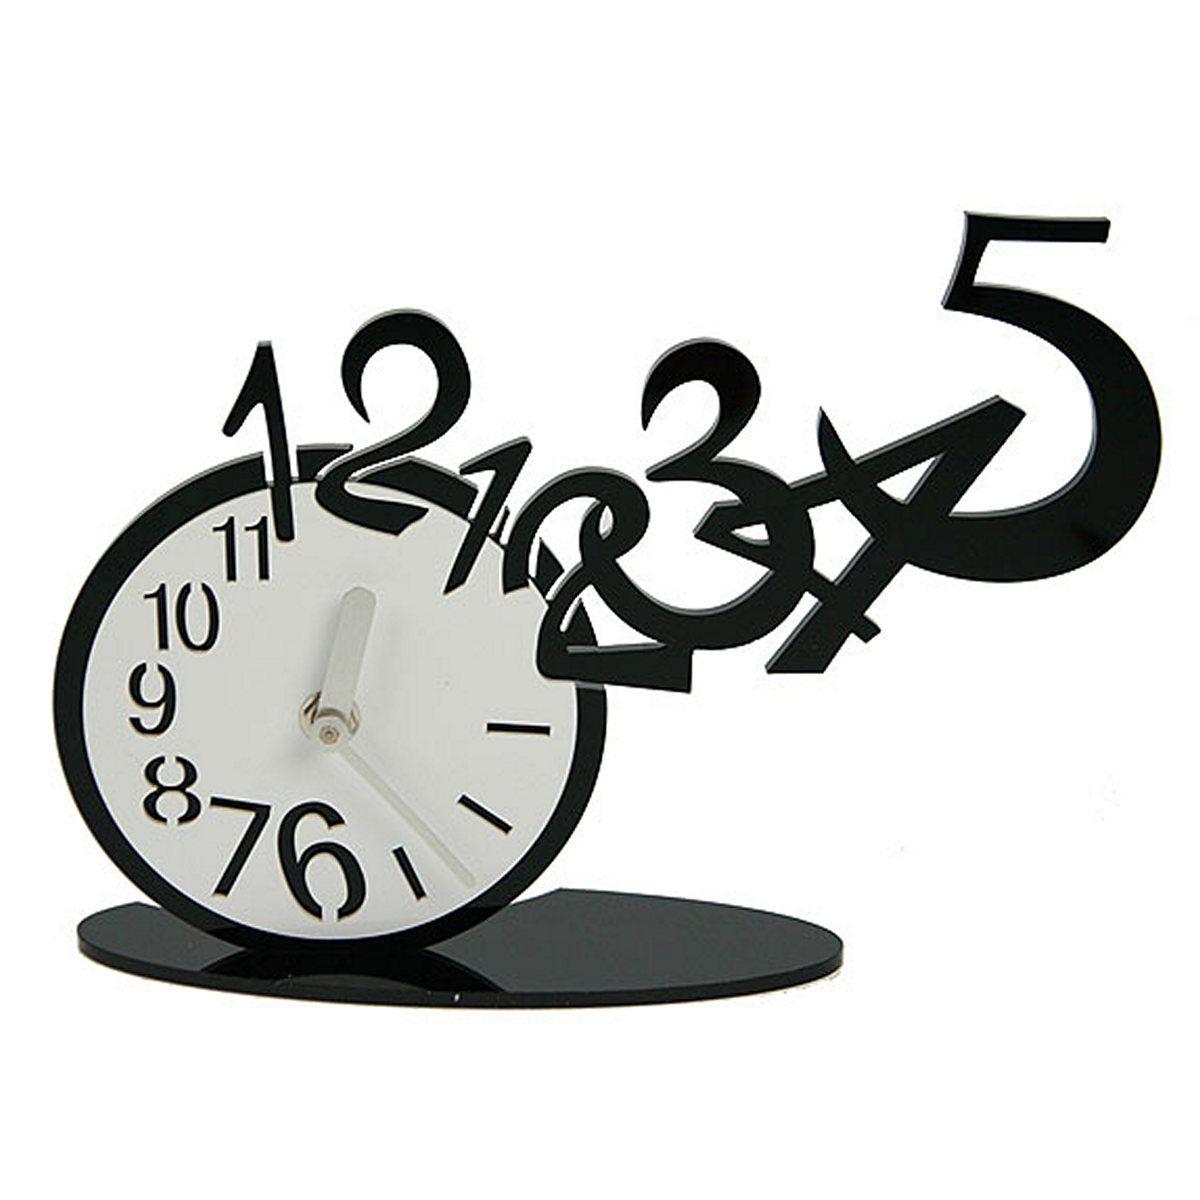 Часы настольные Русские Подарки, 26 х 16 см. 122423122423Настольные кварцевые часы Русские Подарки изготовлены из полиамида. Корпус оригинально оформлен. Часы имеют две стрелки - часовую и минутную.Такие часы украсят интерьер дома или рабочий стол в офисе. Также часы могут стать уникальным, полезным подарком для родственников, коллег, знакомых и близких.Часы работают от батареек типа АА (в комплект не входят).